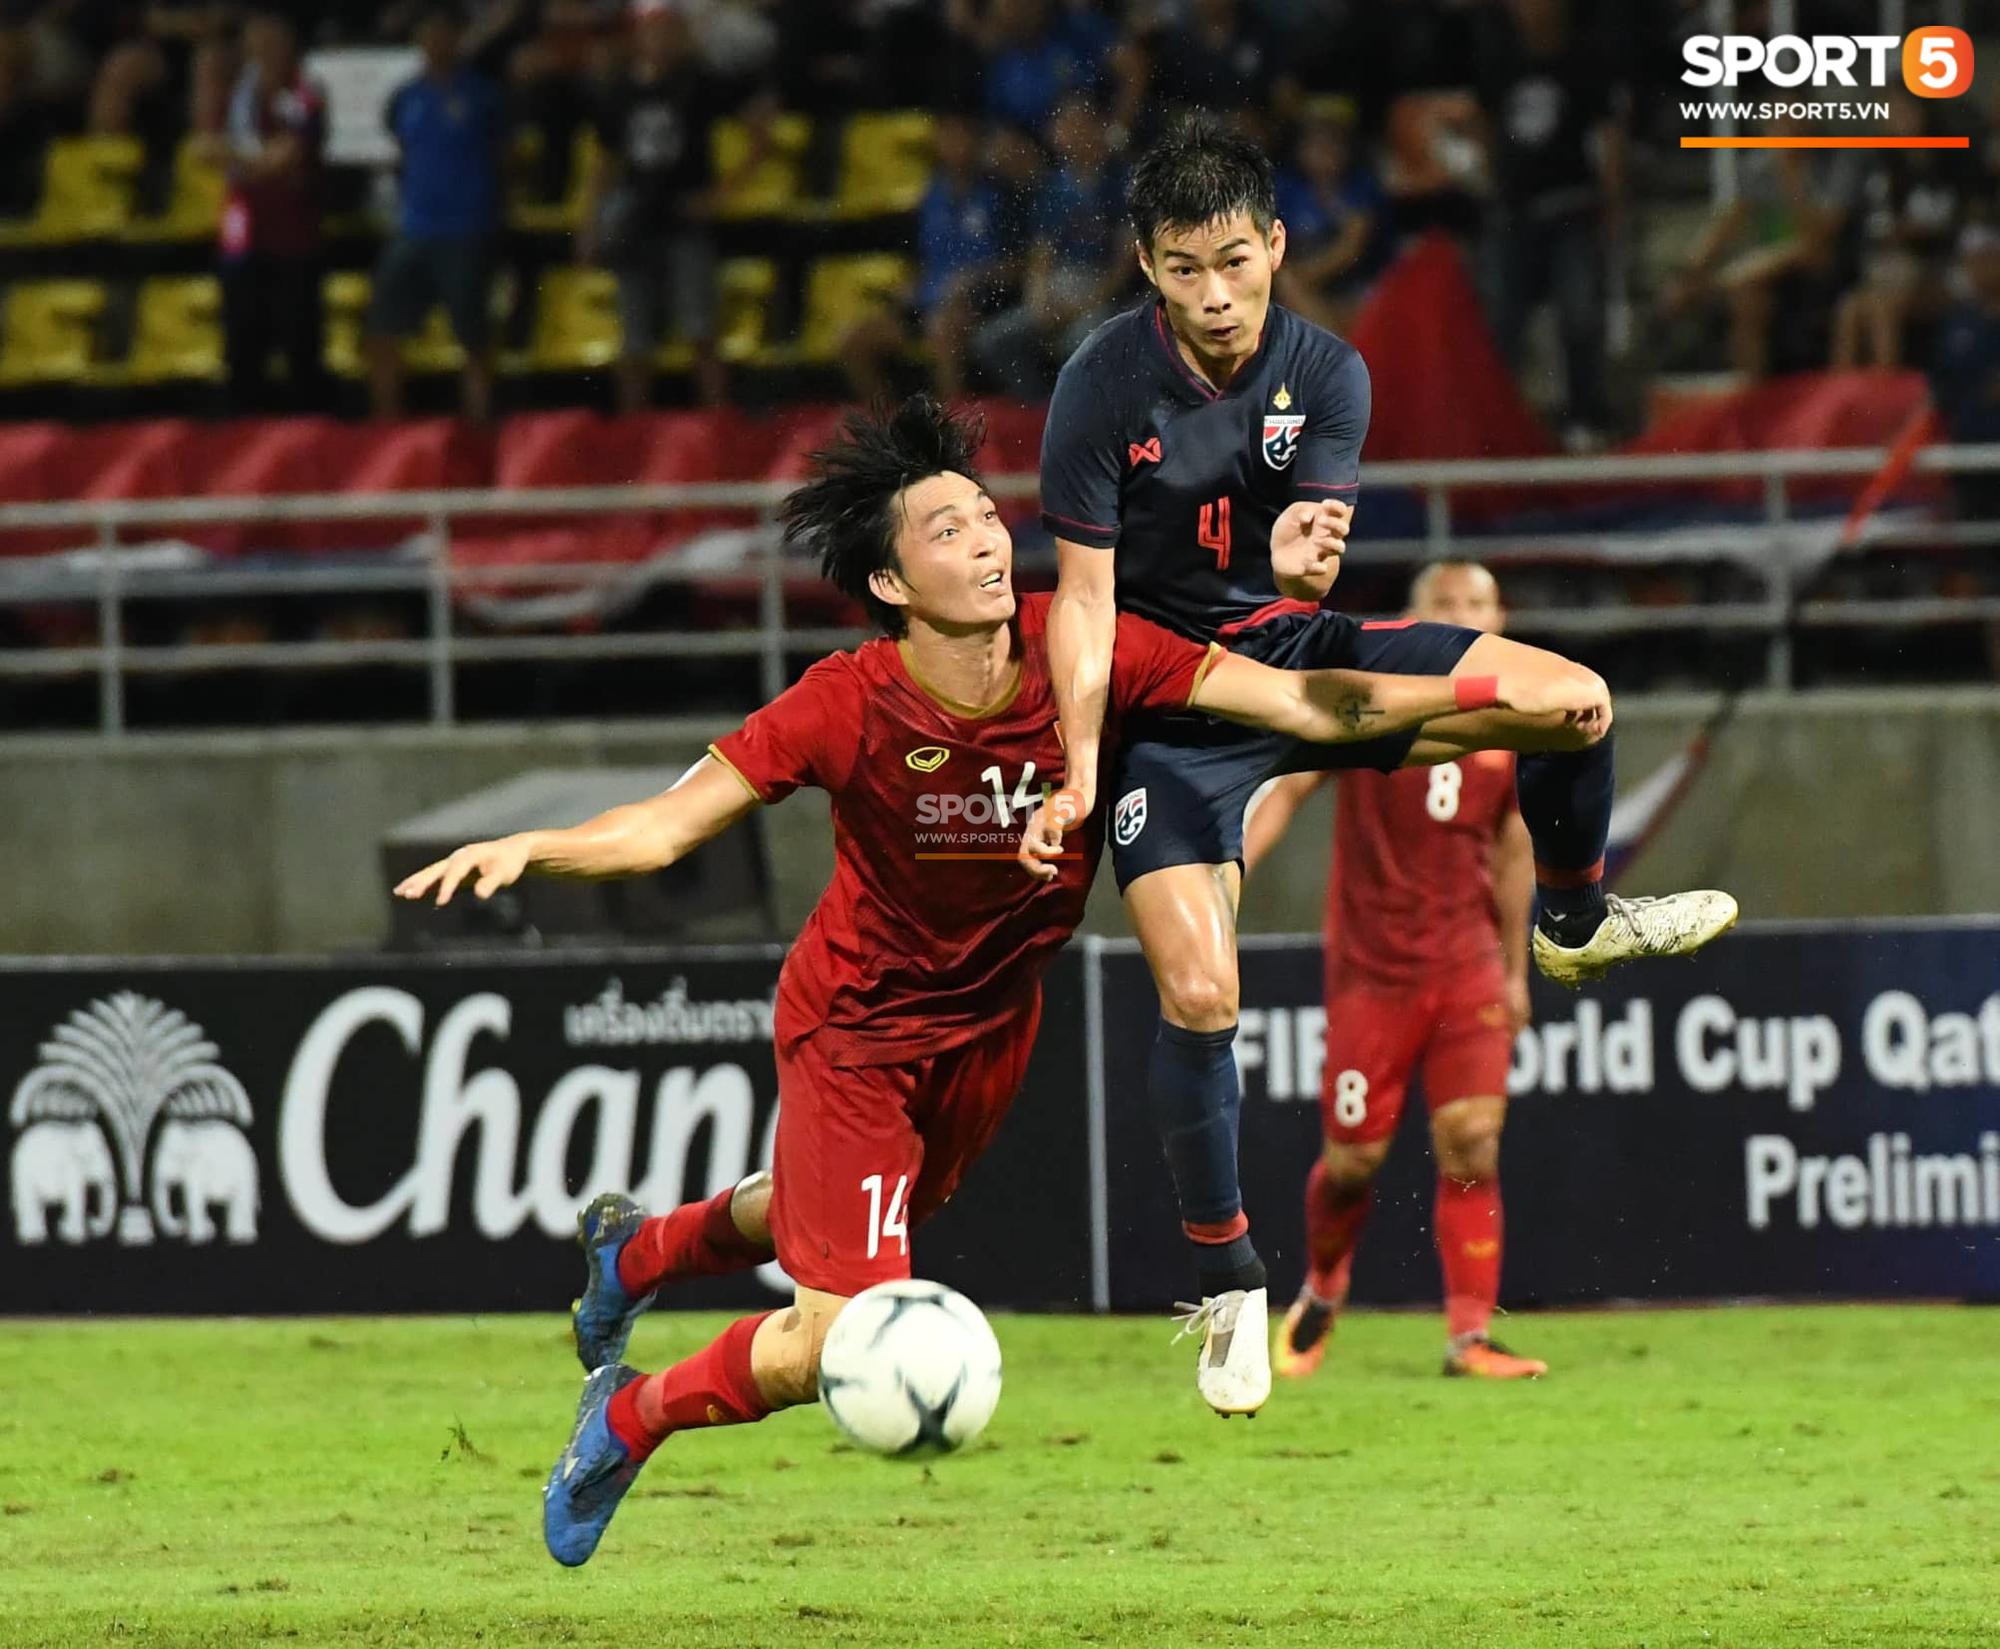 VZN News: Huyền thoại Kiatisuk chỉ ra lý do khó đỡ khiến Thái Lan không thể ghi bàn vào lưới Việt Nam - Ảnh 1.